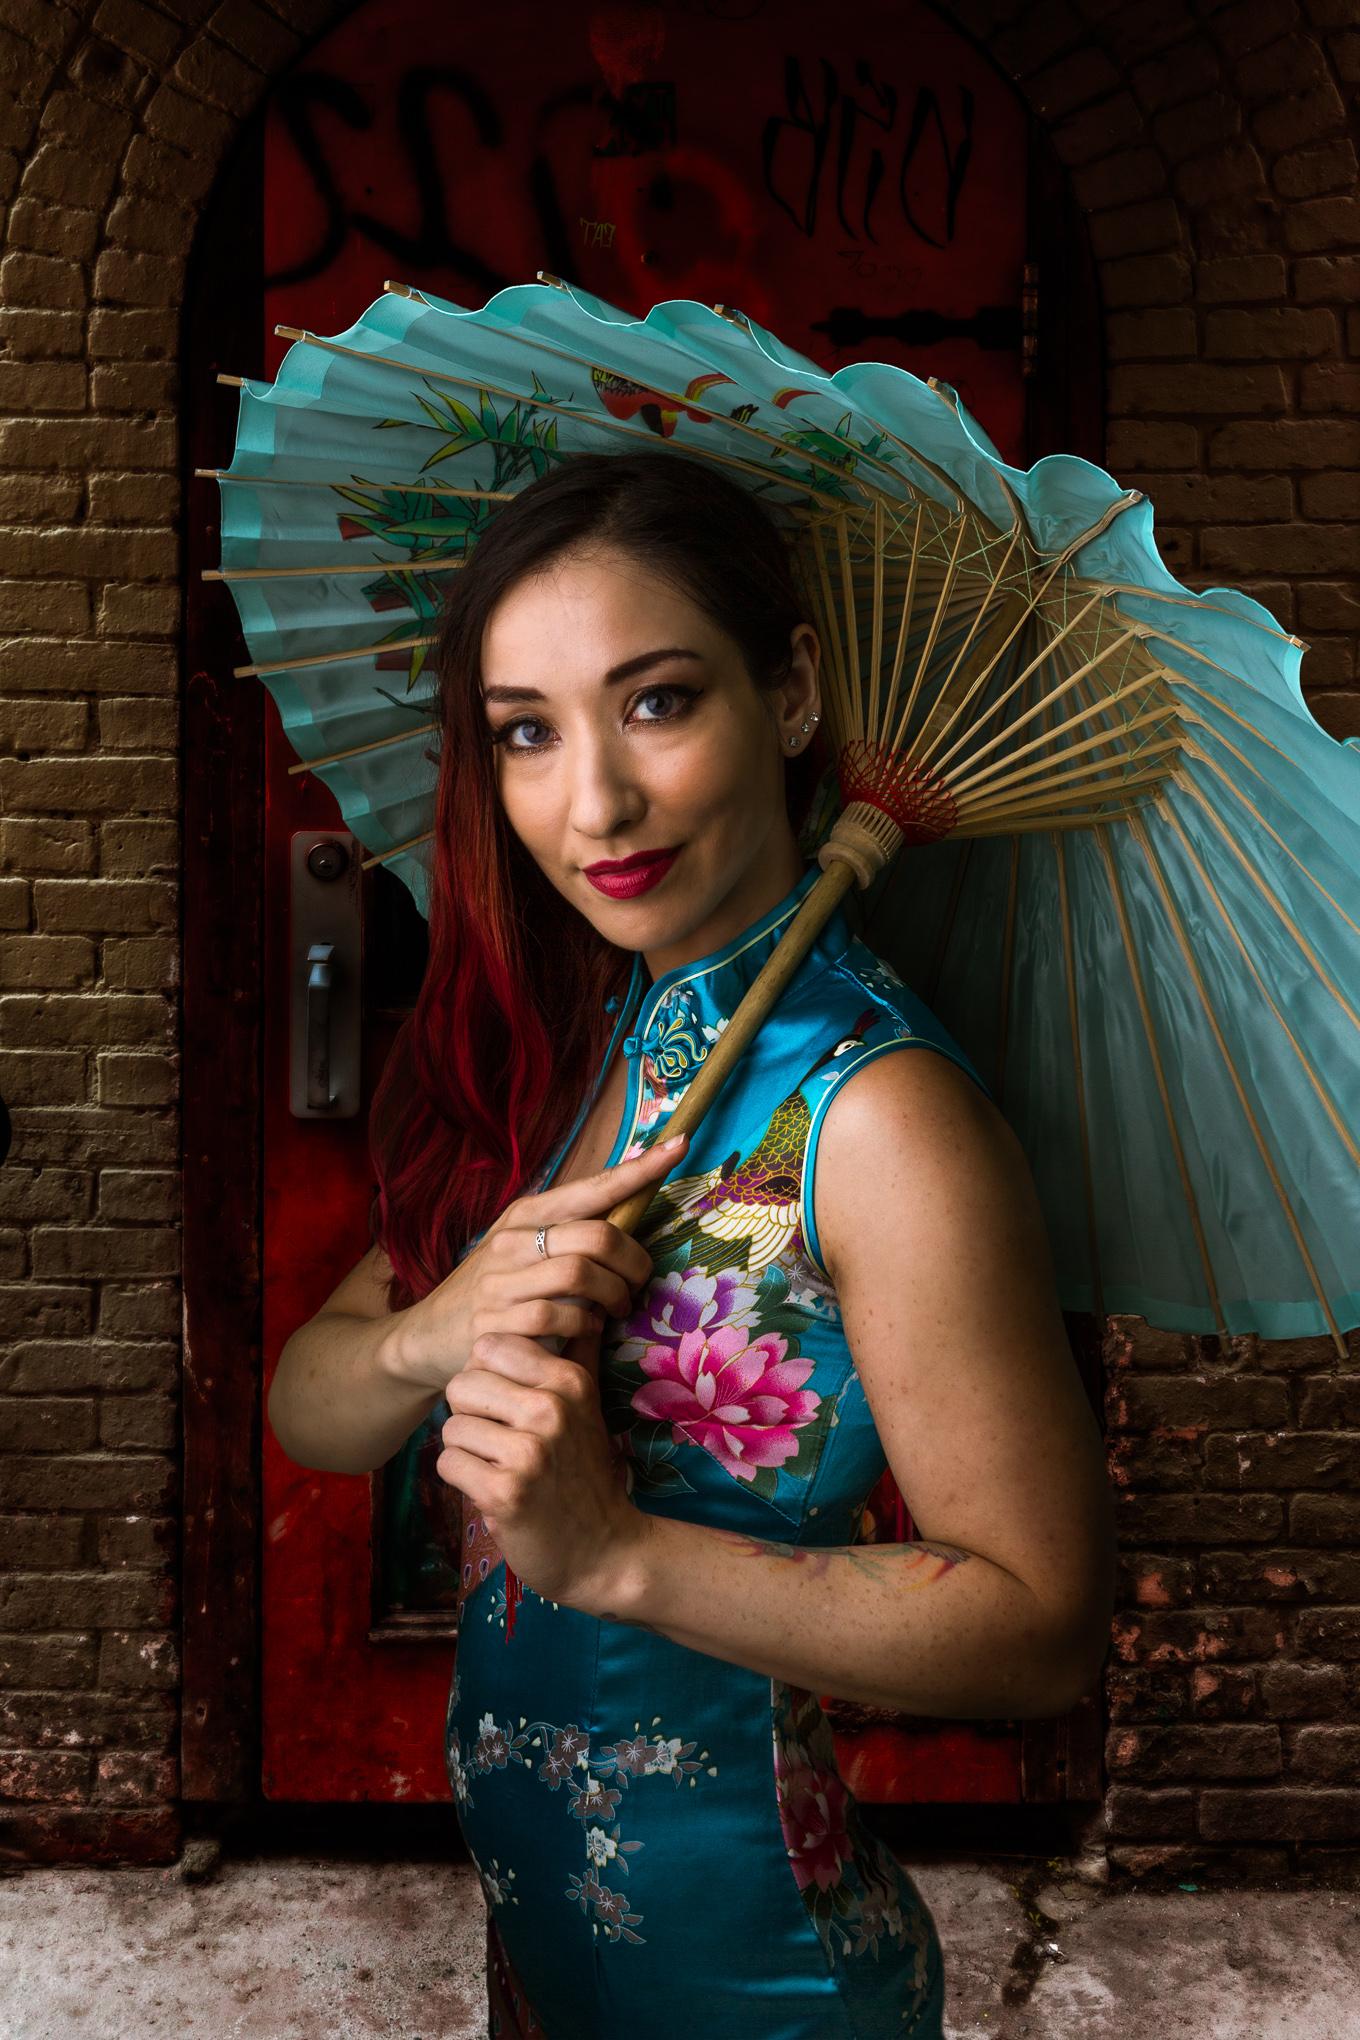 BeeStarrfox-composite-portrait-7569.jpg